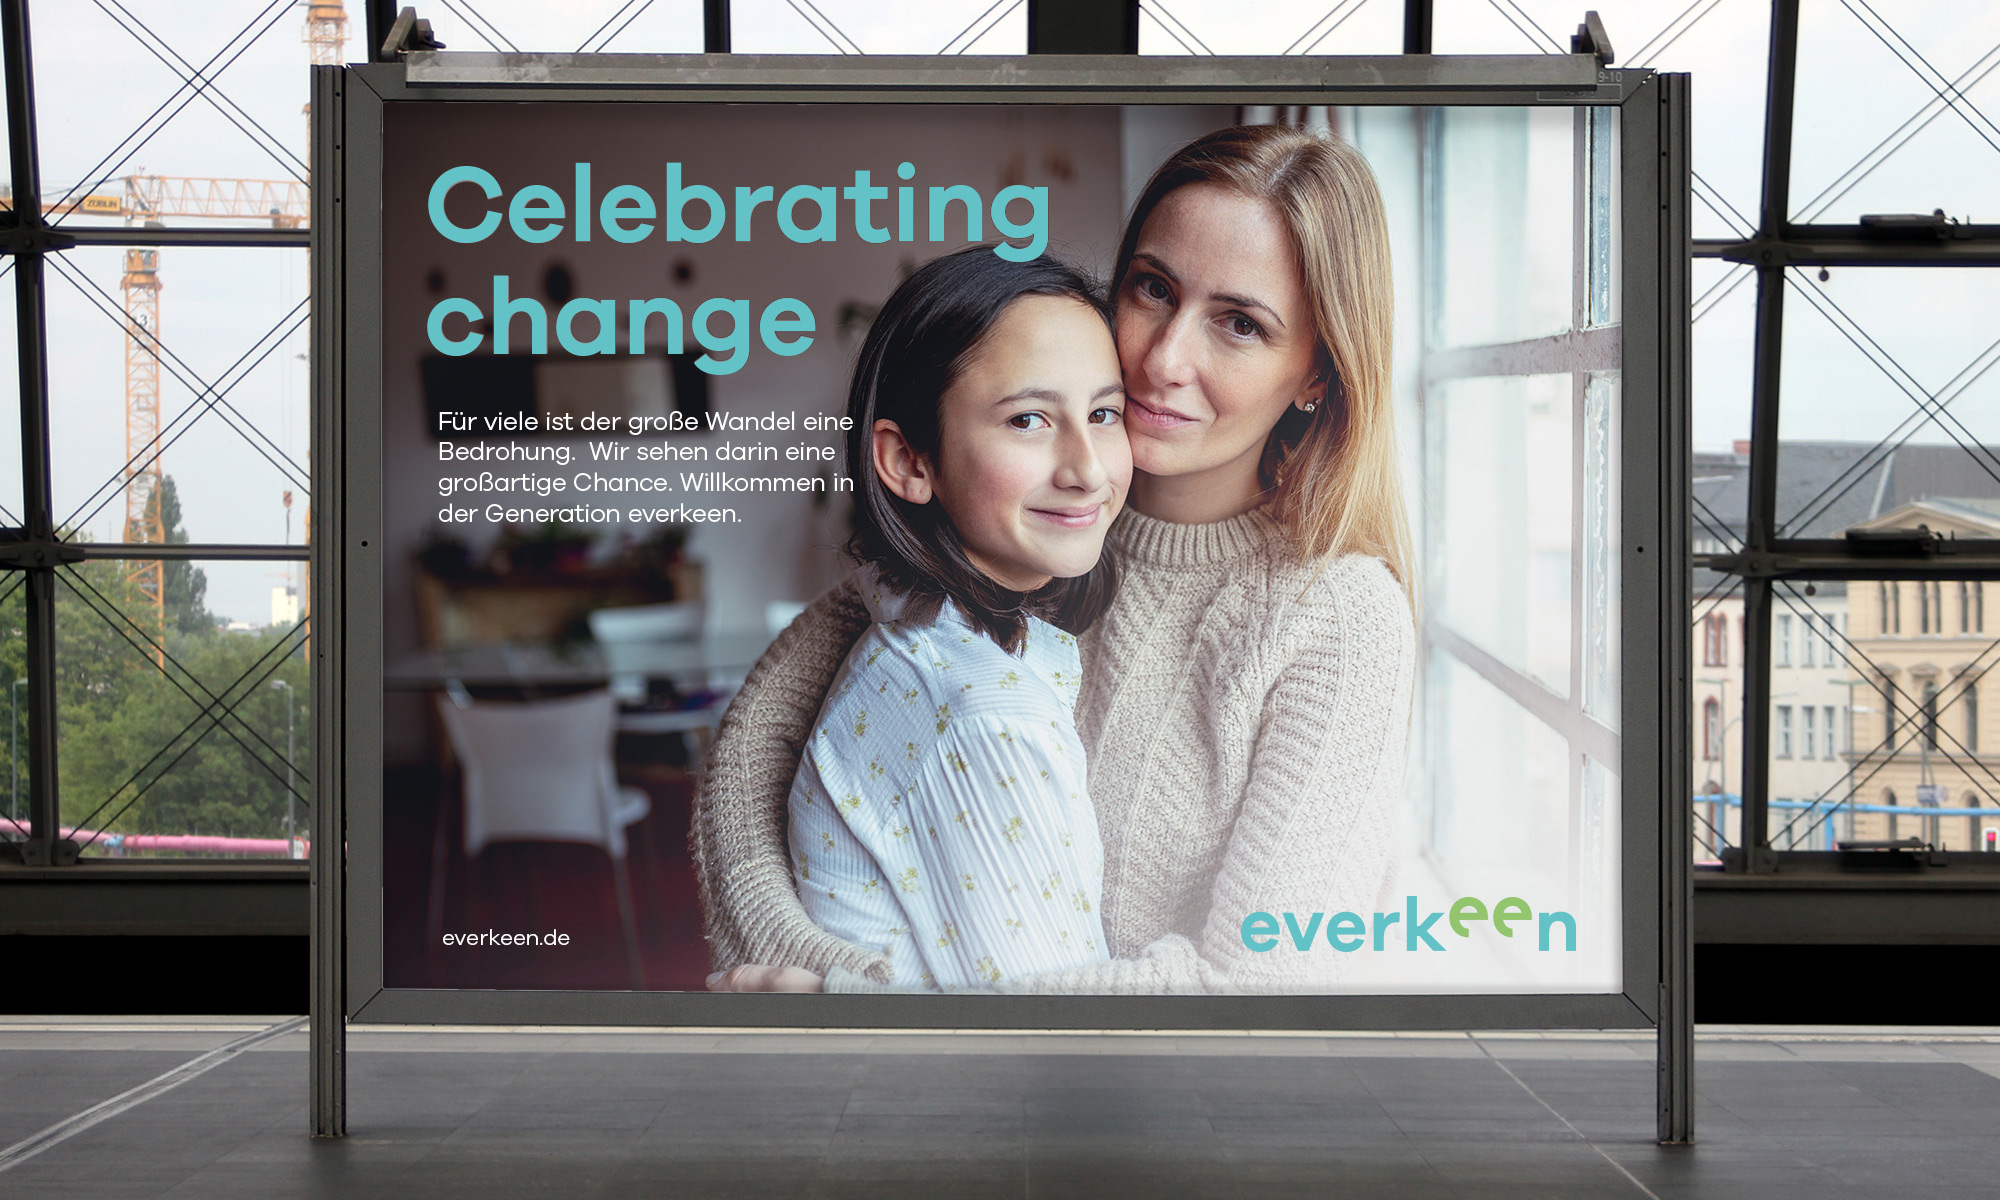 everkeen. celebrating change.